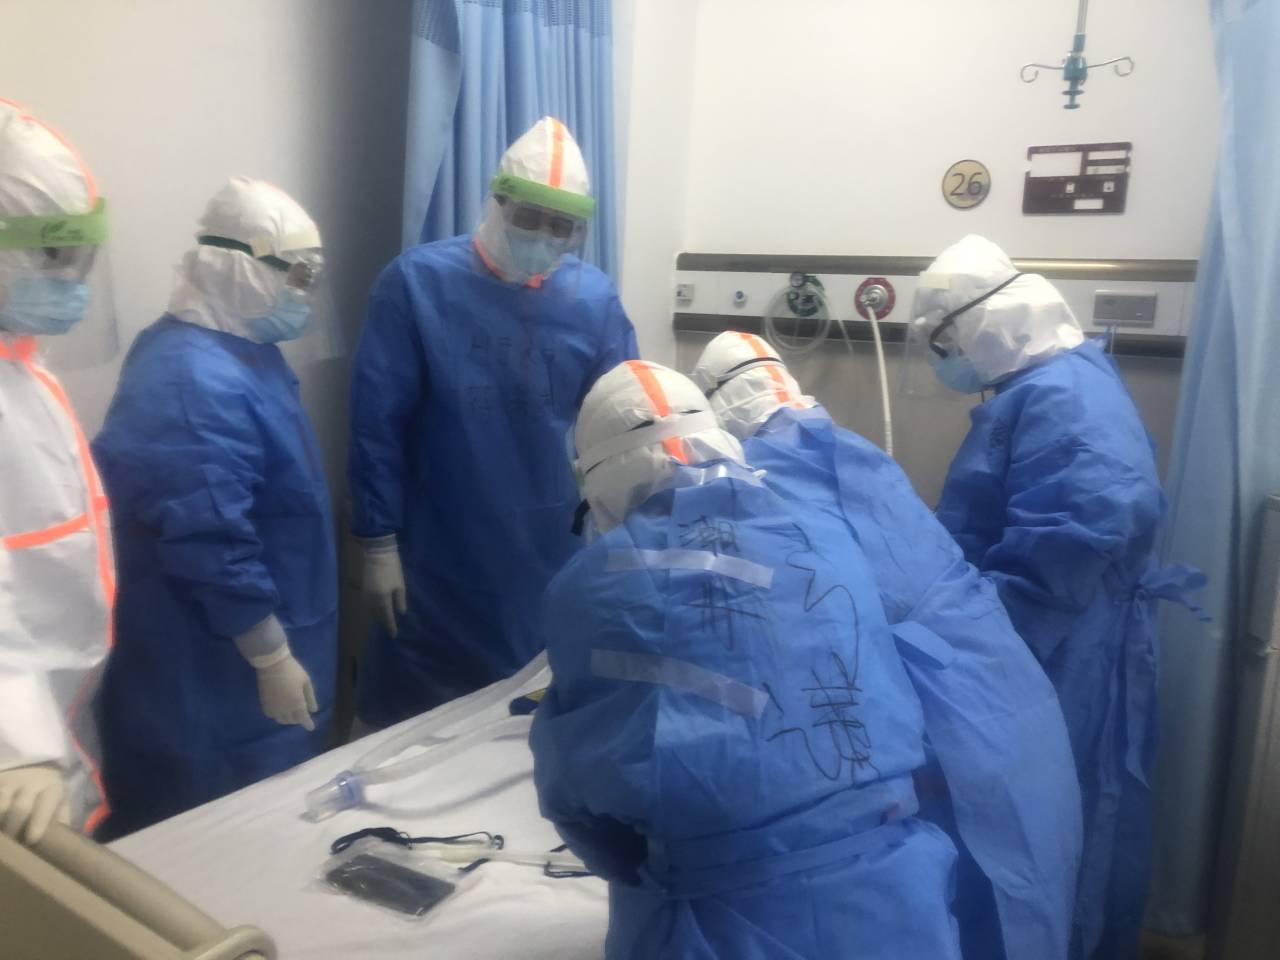 江门第三批医疗队4名护士今早进驻病区 6个小时没吃没喝